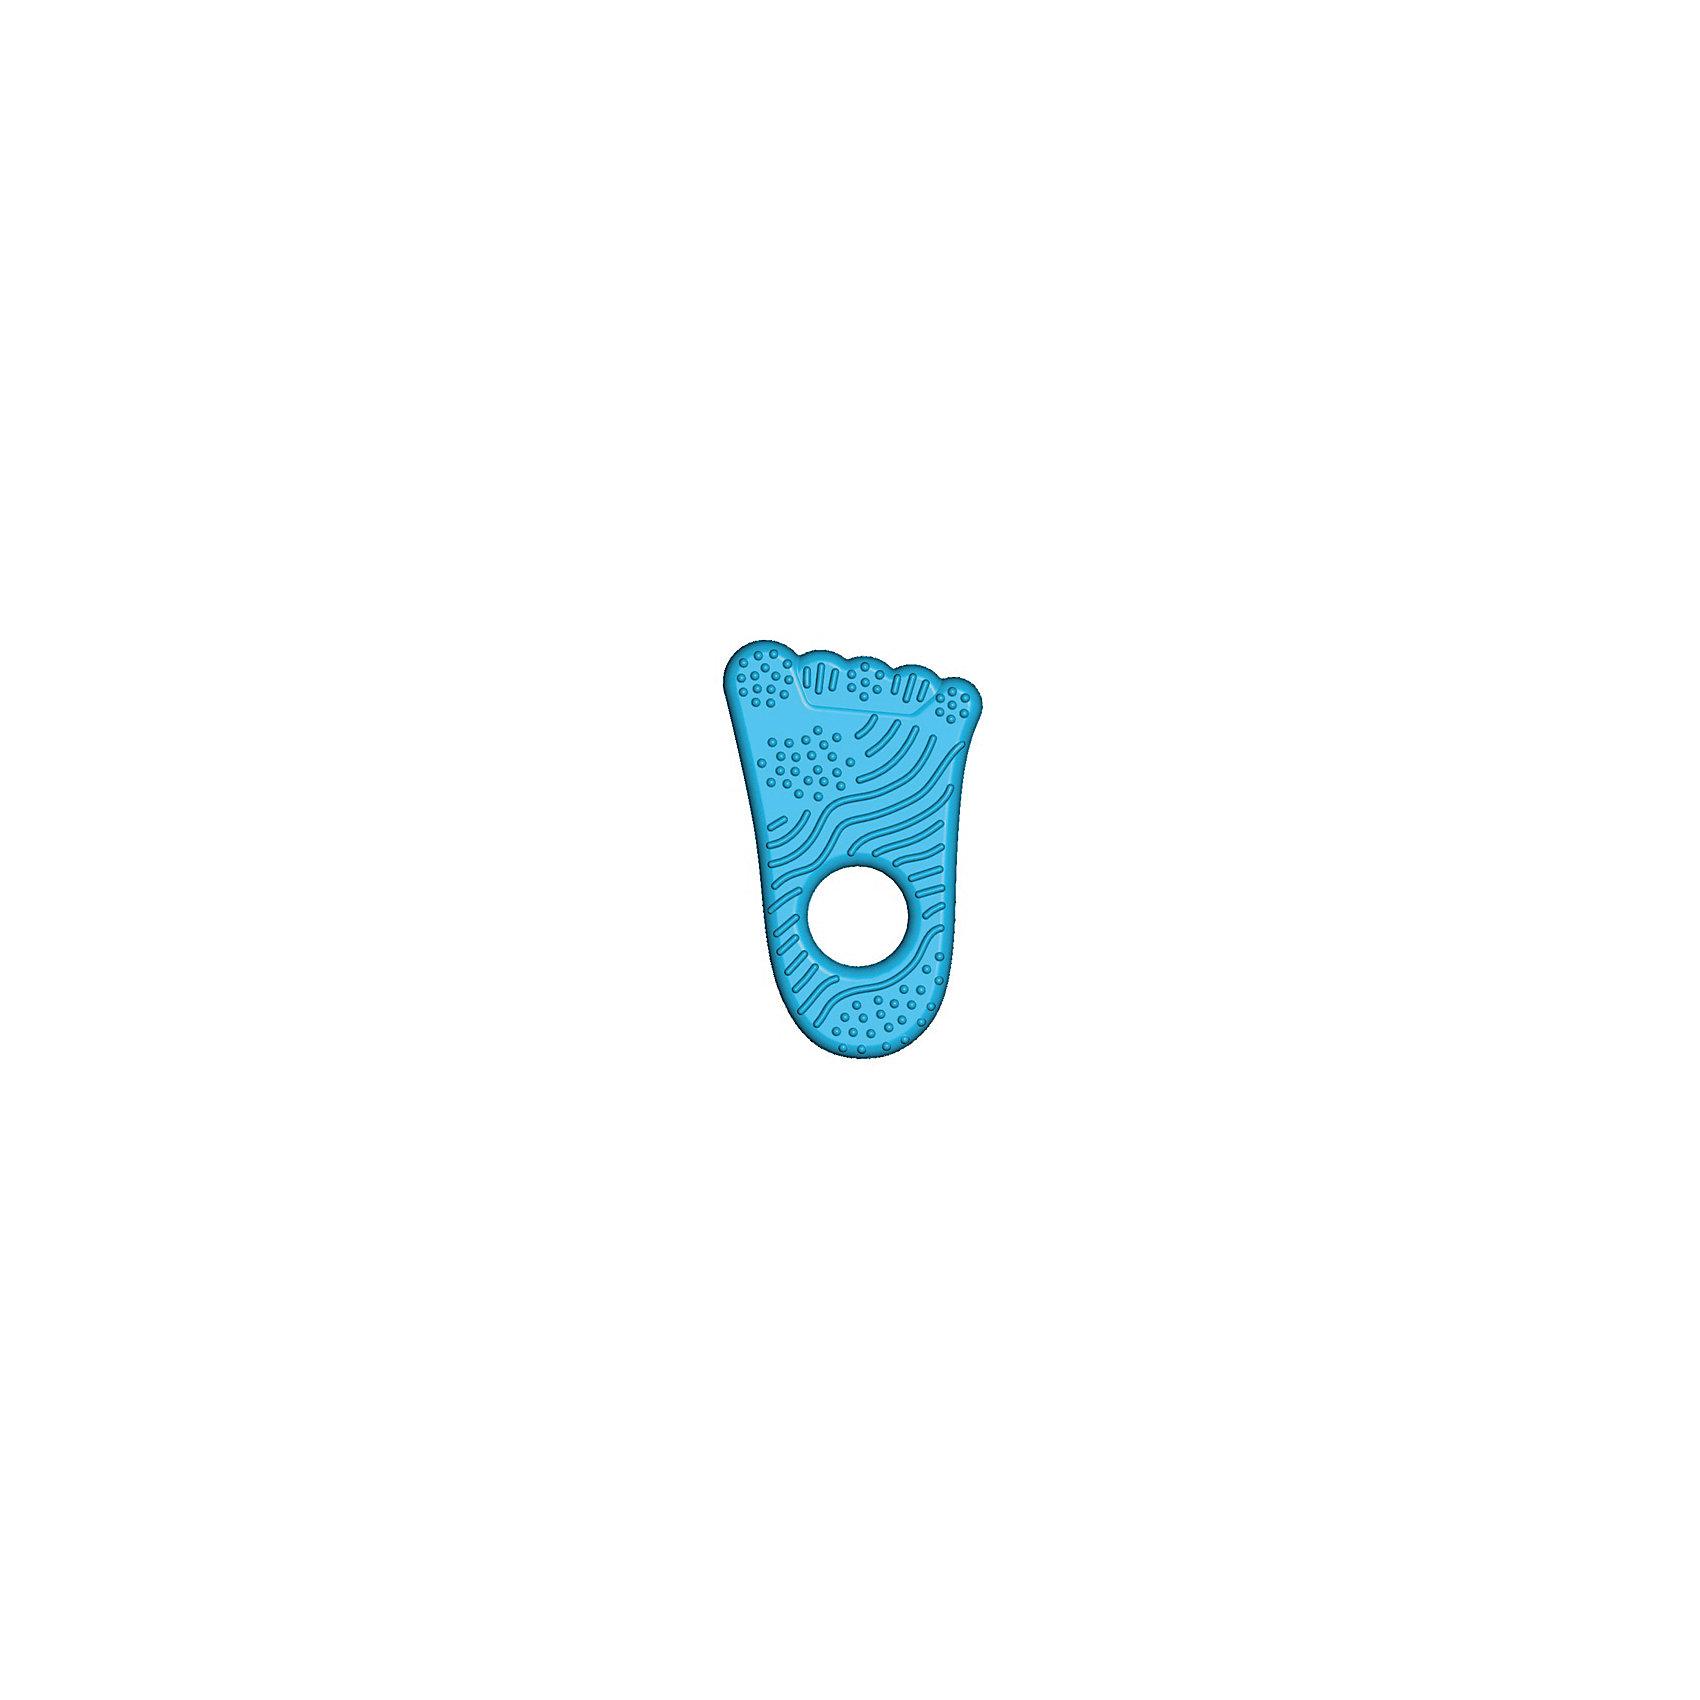 Прорезыватель Bright Starts «Пяточка»Прорезыватели<br>Прорезыватель забавной формы успокоит нежные десны малыша!<br><br>Особенности<br>Мягкий прорезыватели для зубок наполнен водой<br>Удобно держать маленькими ручками<br><br>Дополнительные характеристики<br>Размеры товара: 9 х 2 х 18 см<br>Размеры коробки: 12 х 2 х 19,5 см<br><br>Ширина мм: 9999<br>Глубина мм: 9999<br>Высота мм: 9999<br>Вес г: 9999<br>Возраст от месяцев: 0<br>Возраст до месяцев: 5<br>Пол: Унисекс<br>Возраст: Детский<br>SKU: 7064563